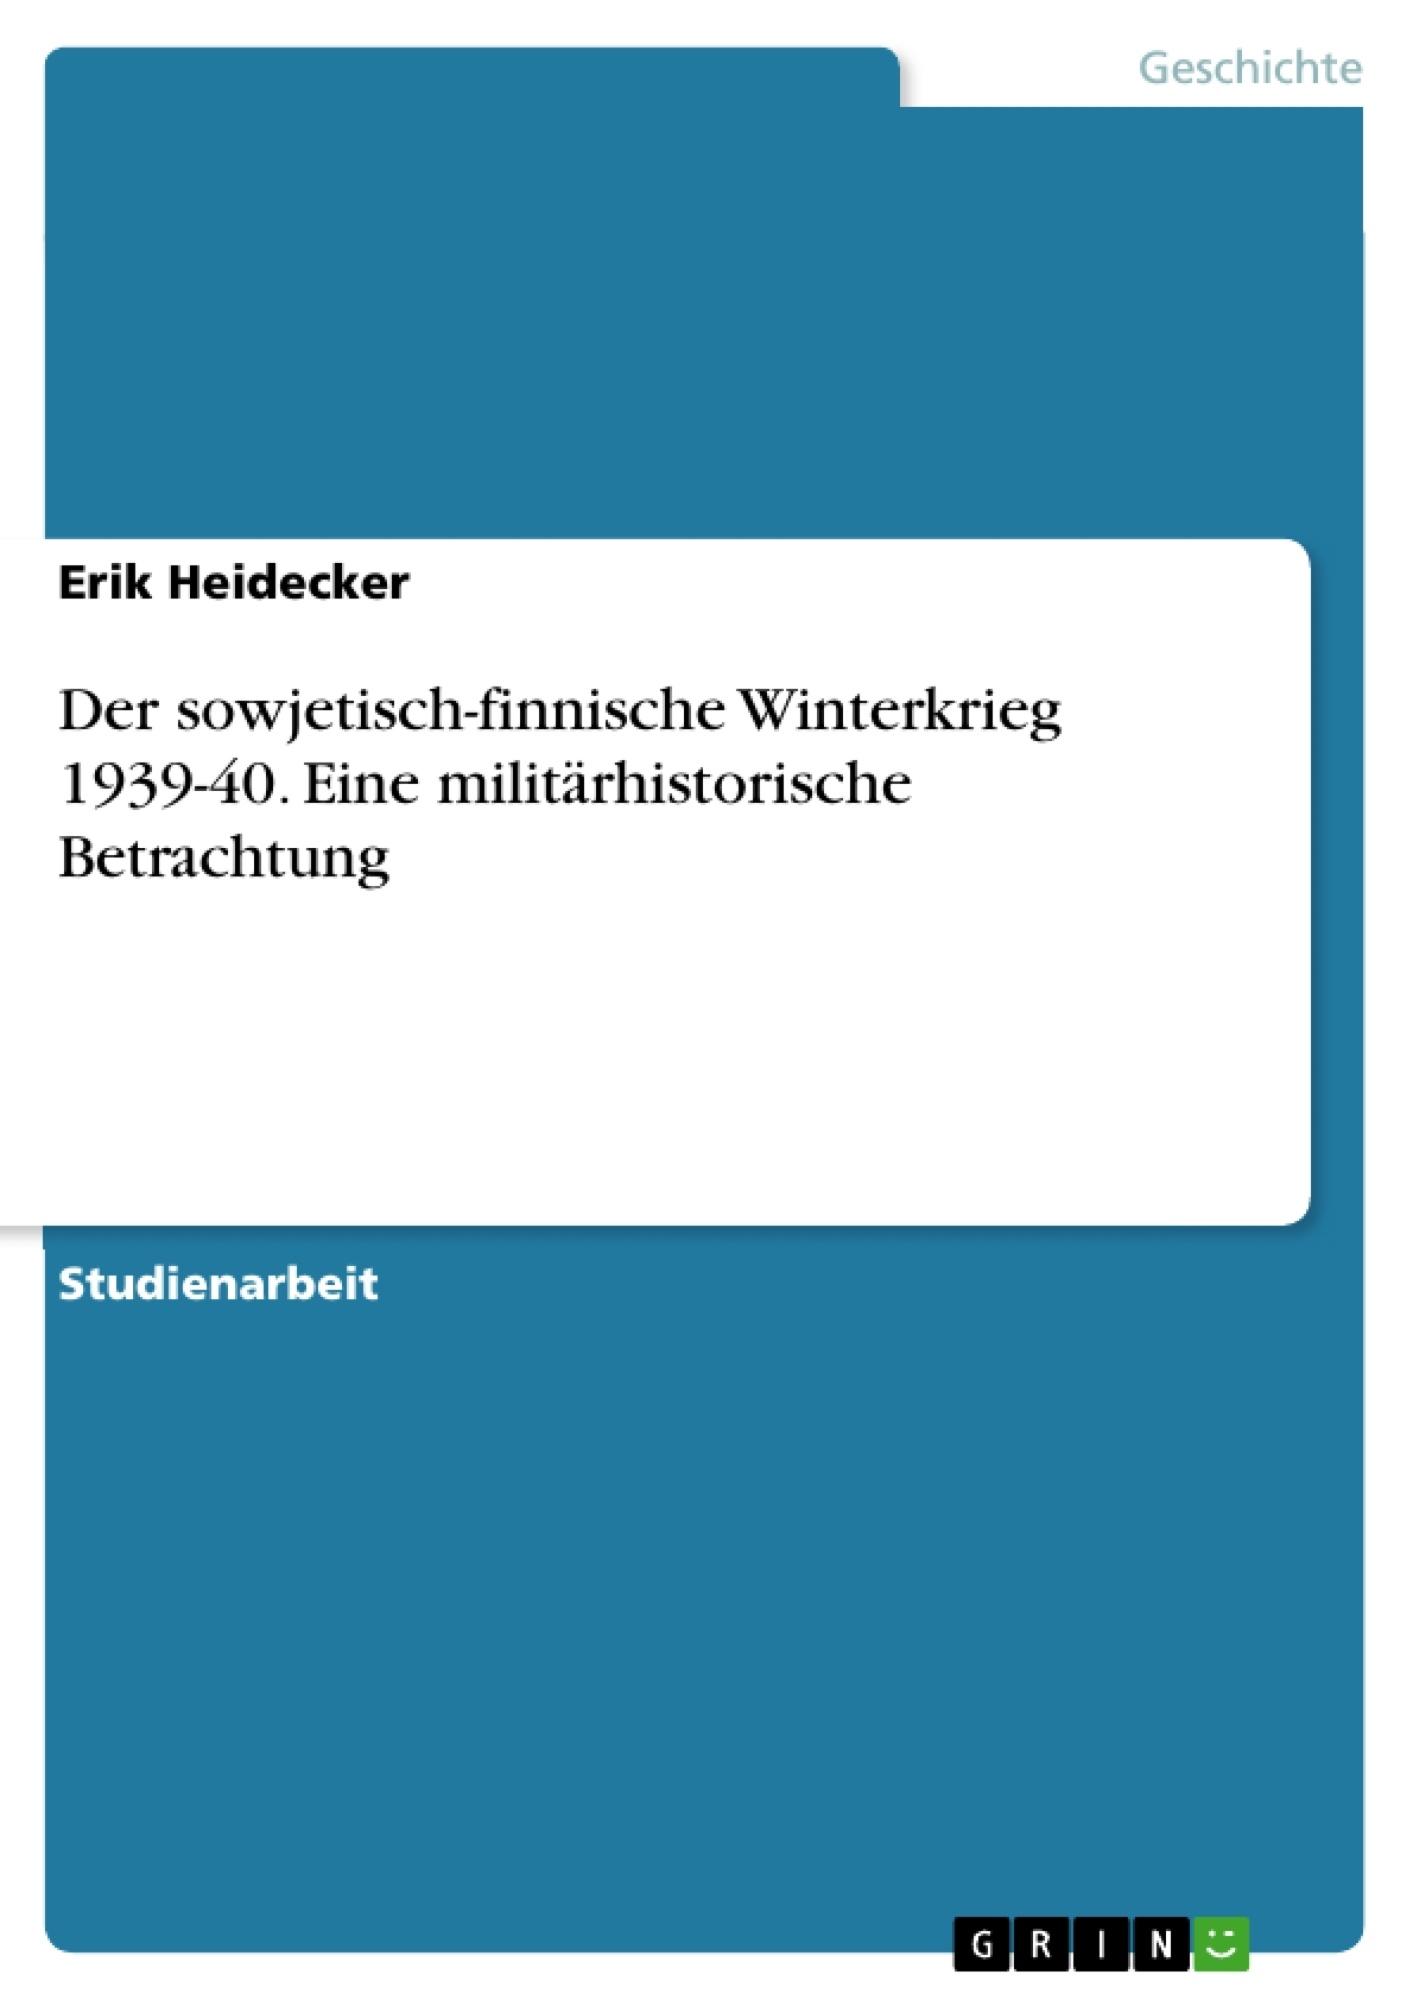 Titel: Der sowjetisch-finnische Winterkrieg 1939-40. Eine militärhistorische Betrachtung